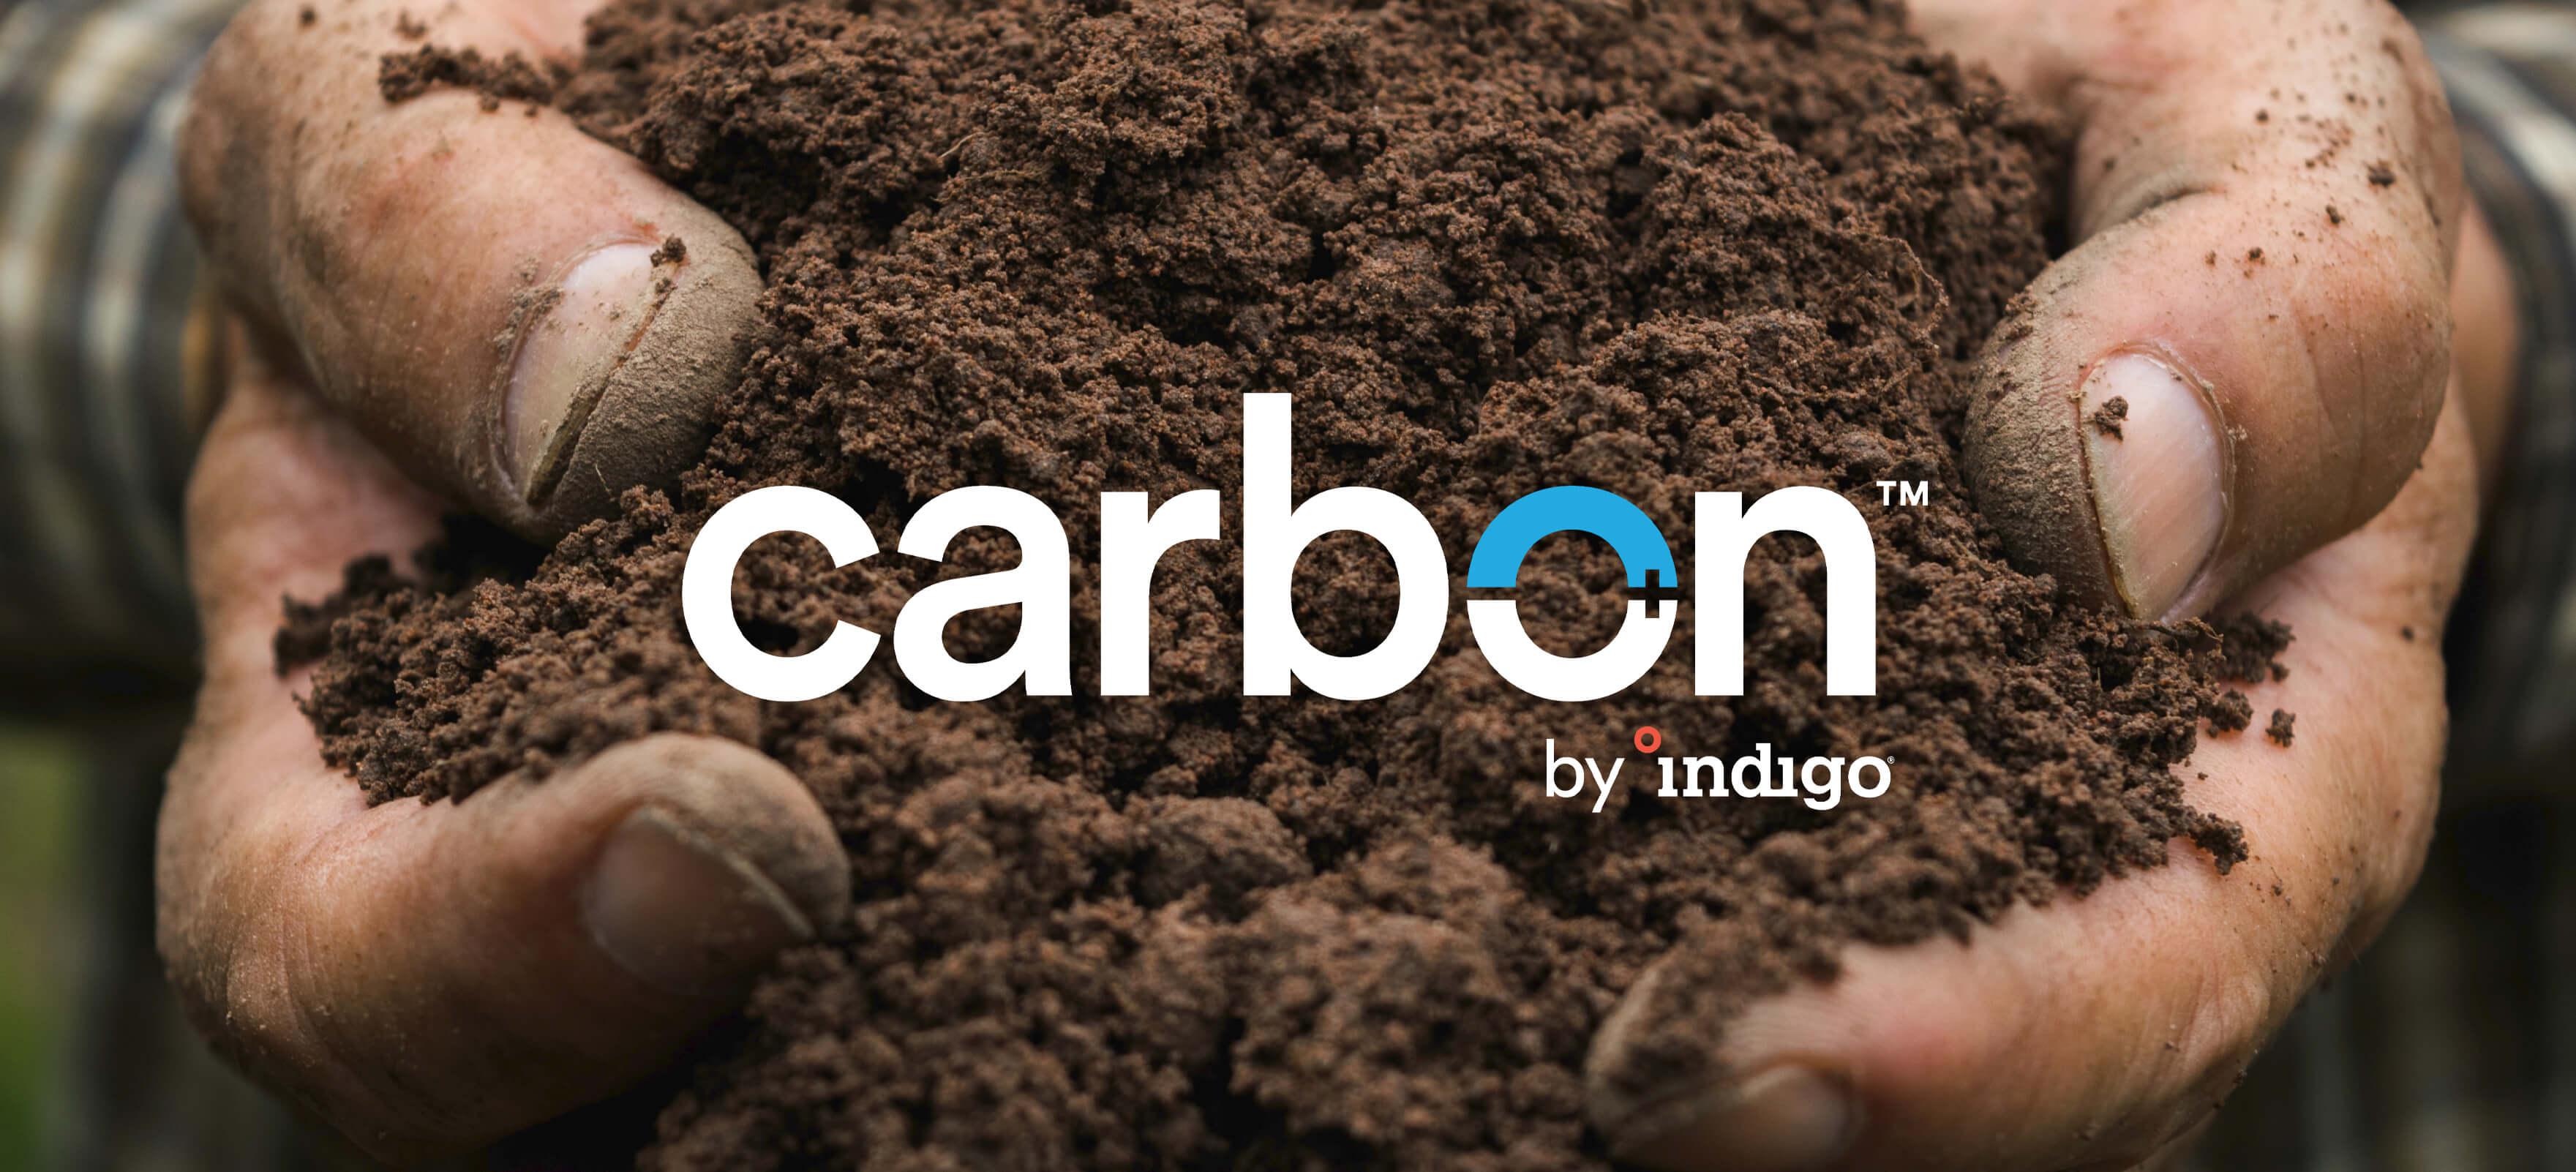 Carbon Hands Soil (1)